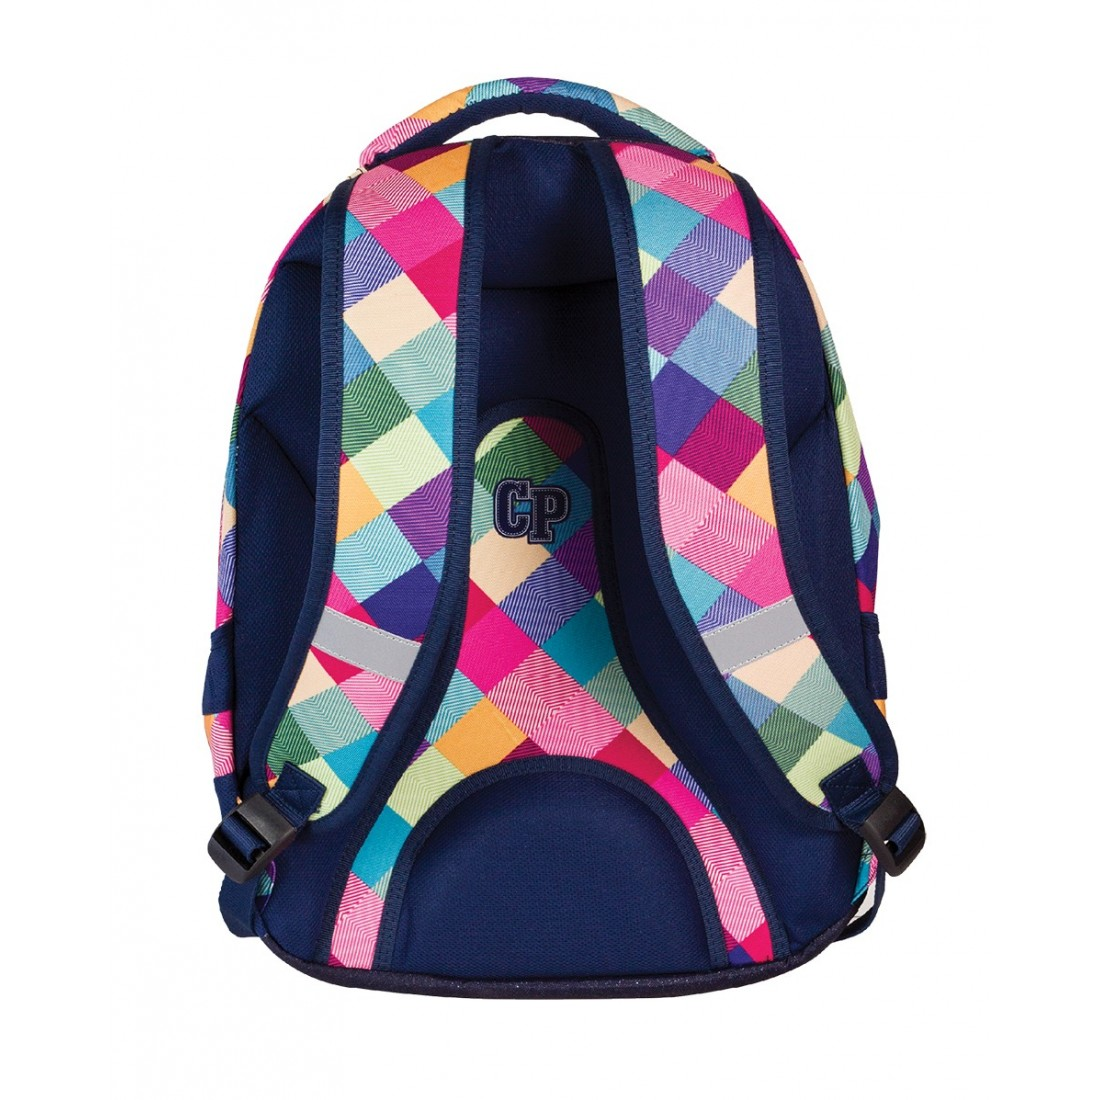 Plecak młodzieżowy CoolPack CP pastelowe kolory w kratkę - 5 przegród COLLEGE PATCHWORK 476 - plecak-tornister.pl